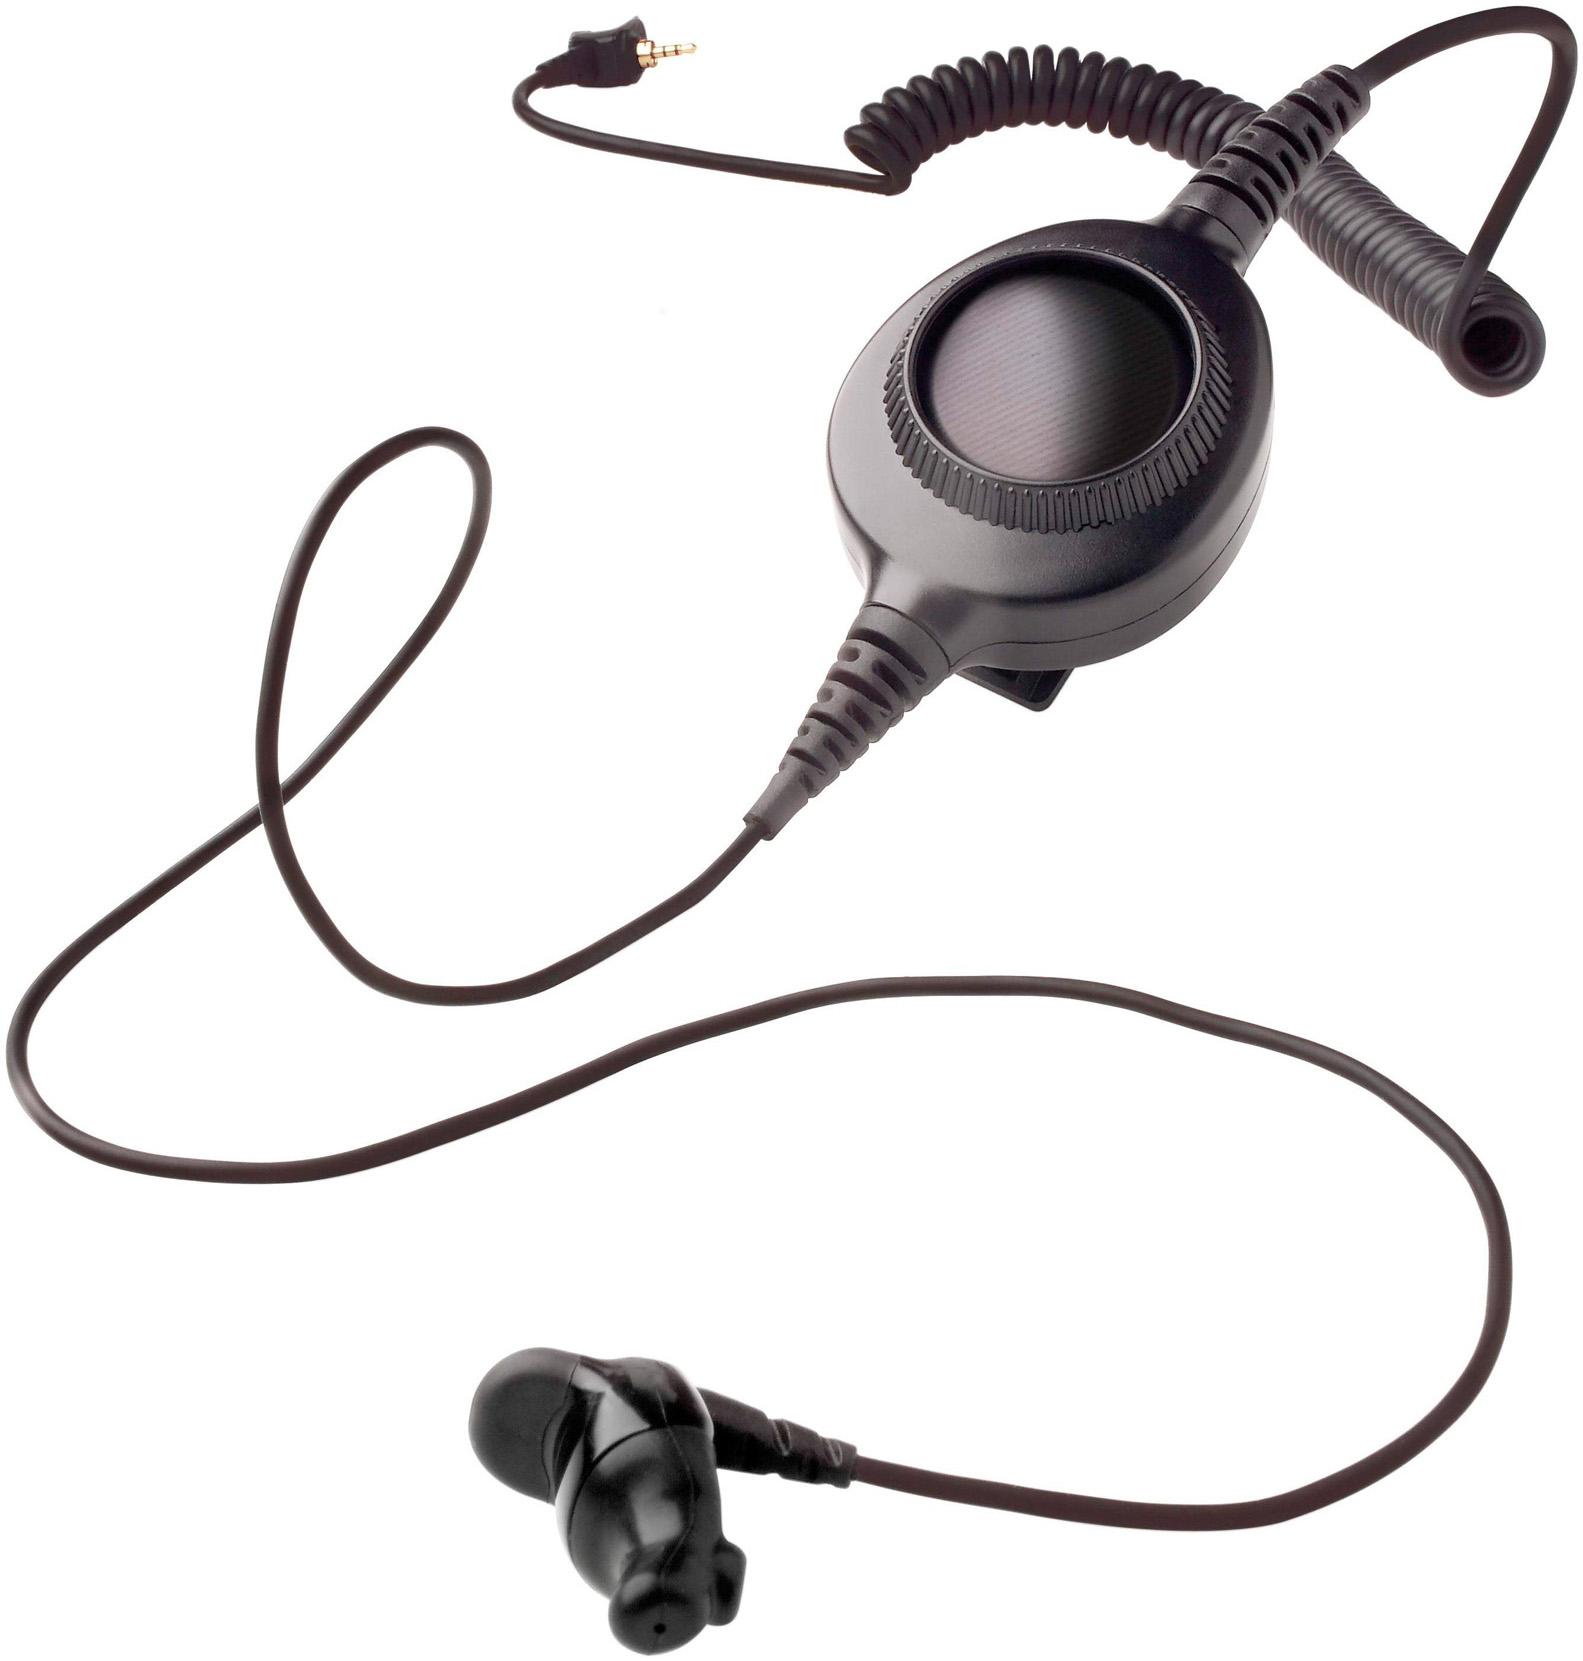 Motorola PMLN5561 - Enkel handsfree med öronmikrofon  41a55ac61d056